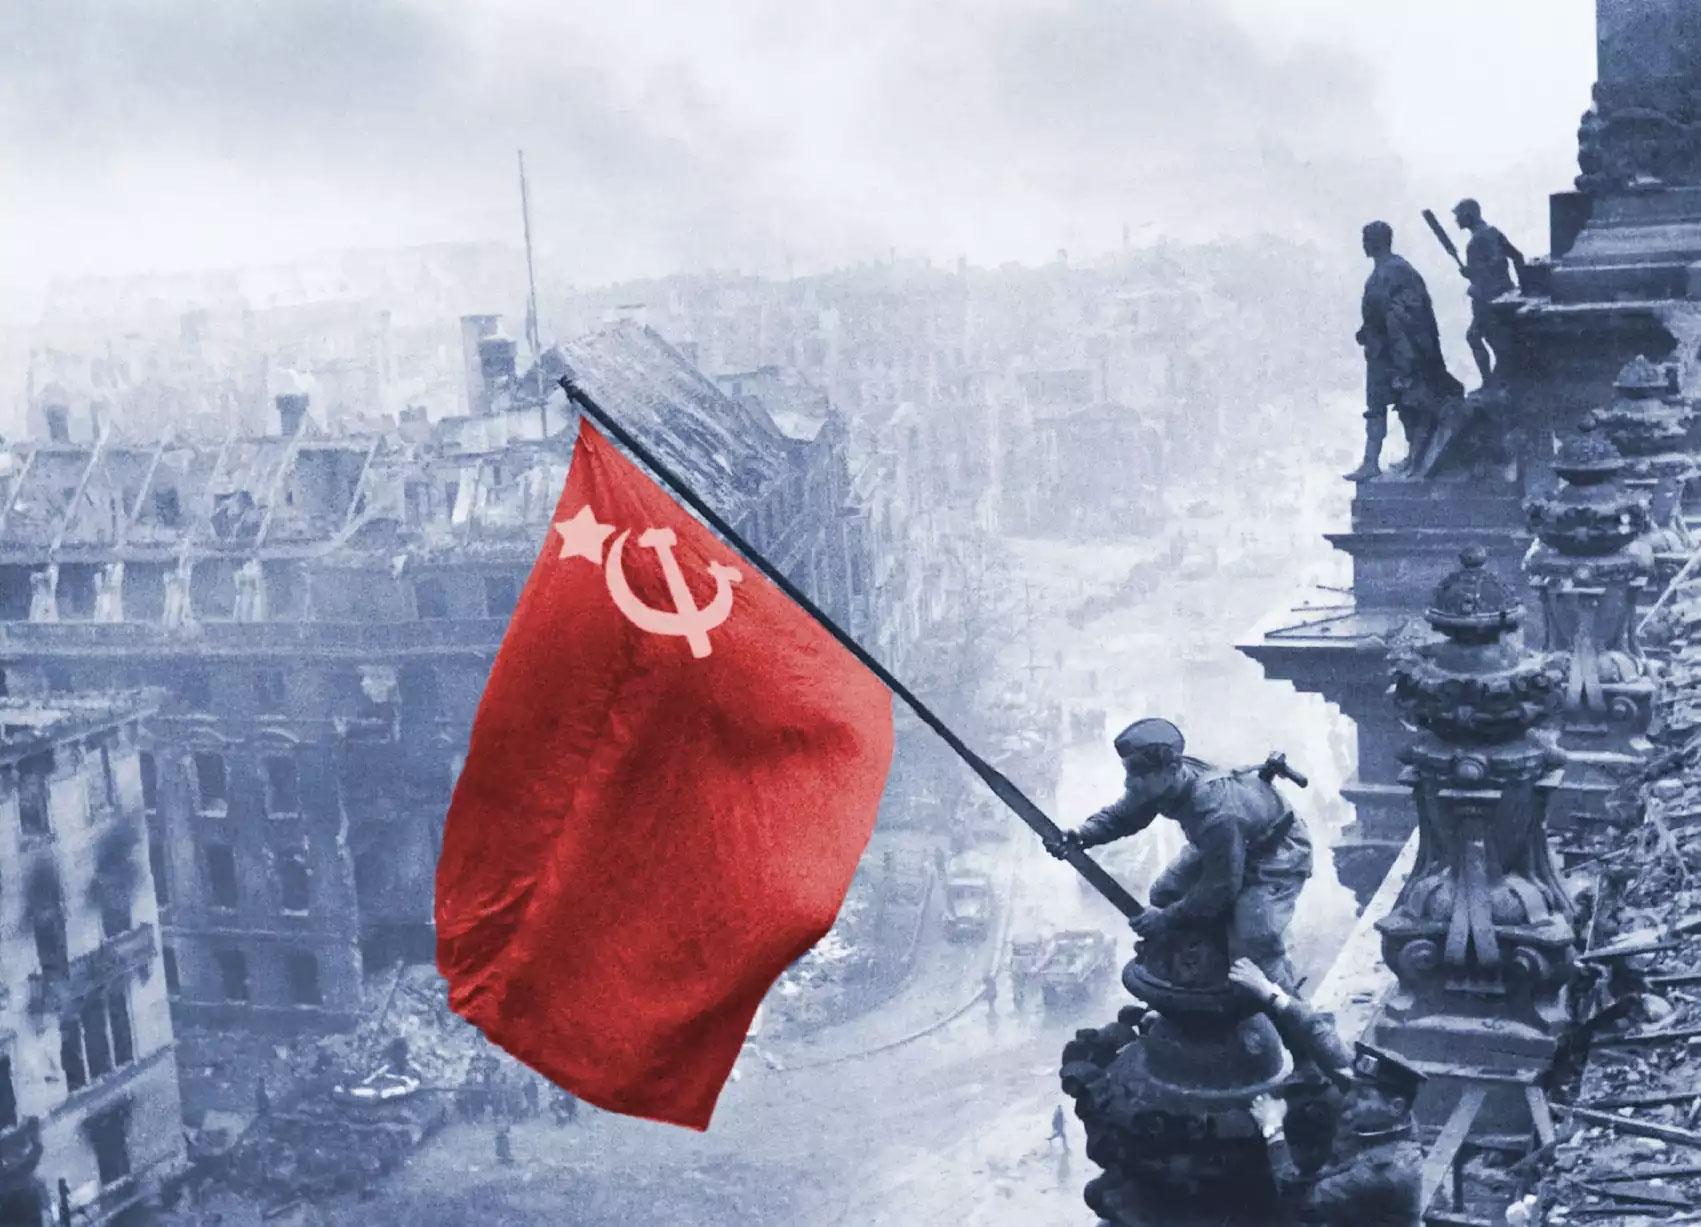 На Украине заводят дела из-за советского флага и фотографий с георгиевской лентой